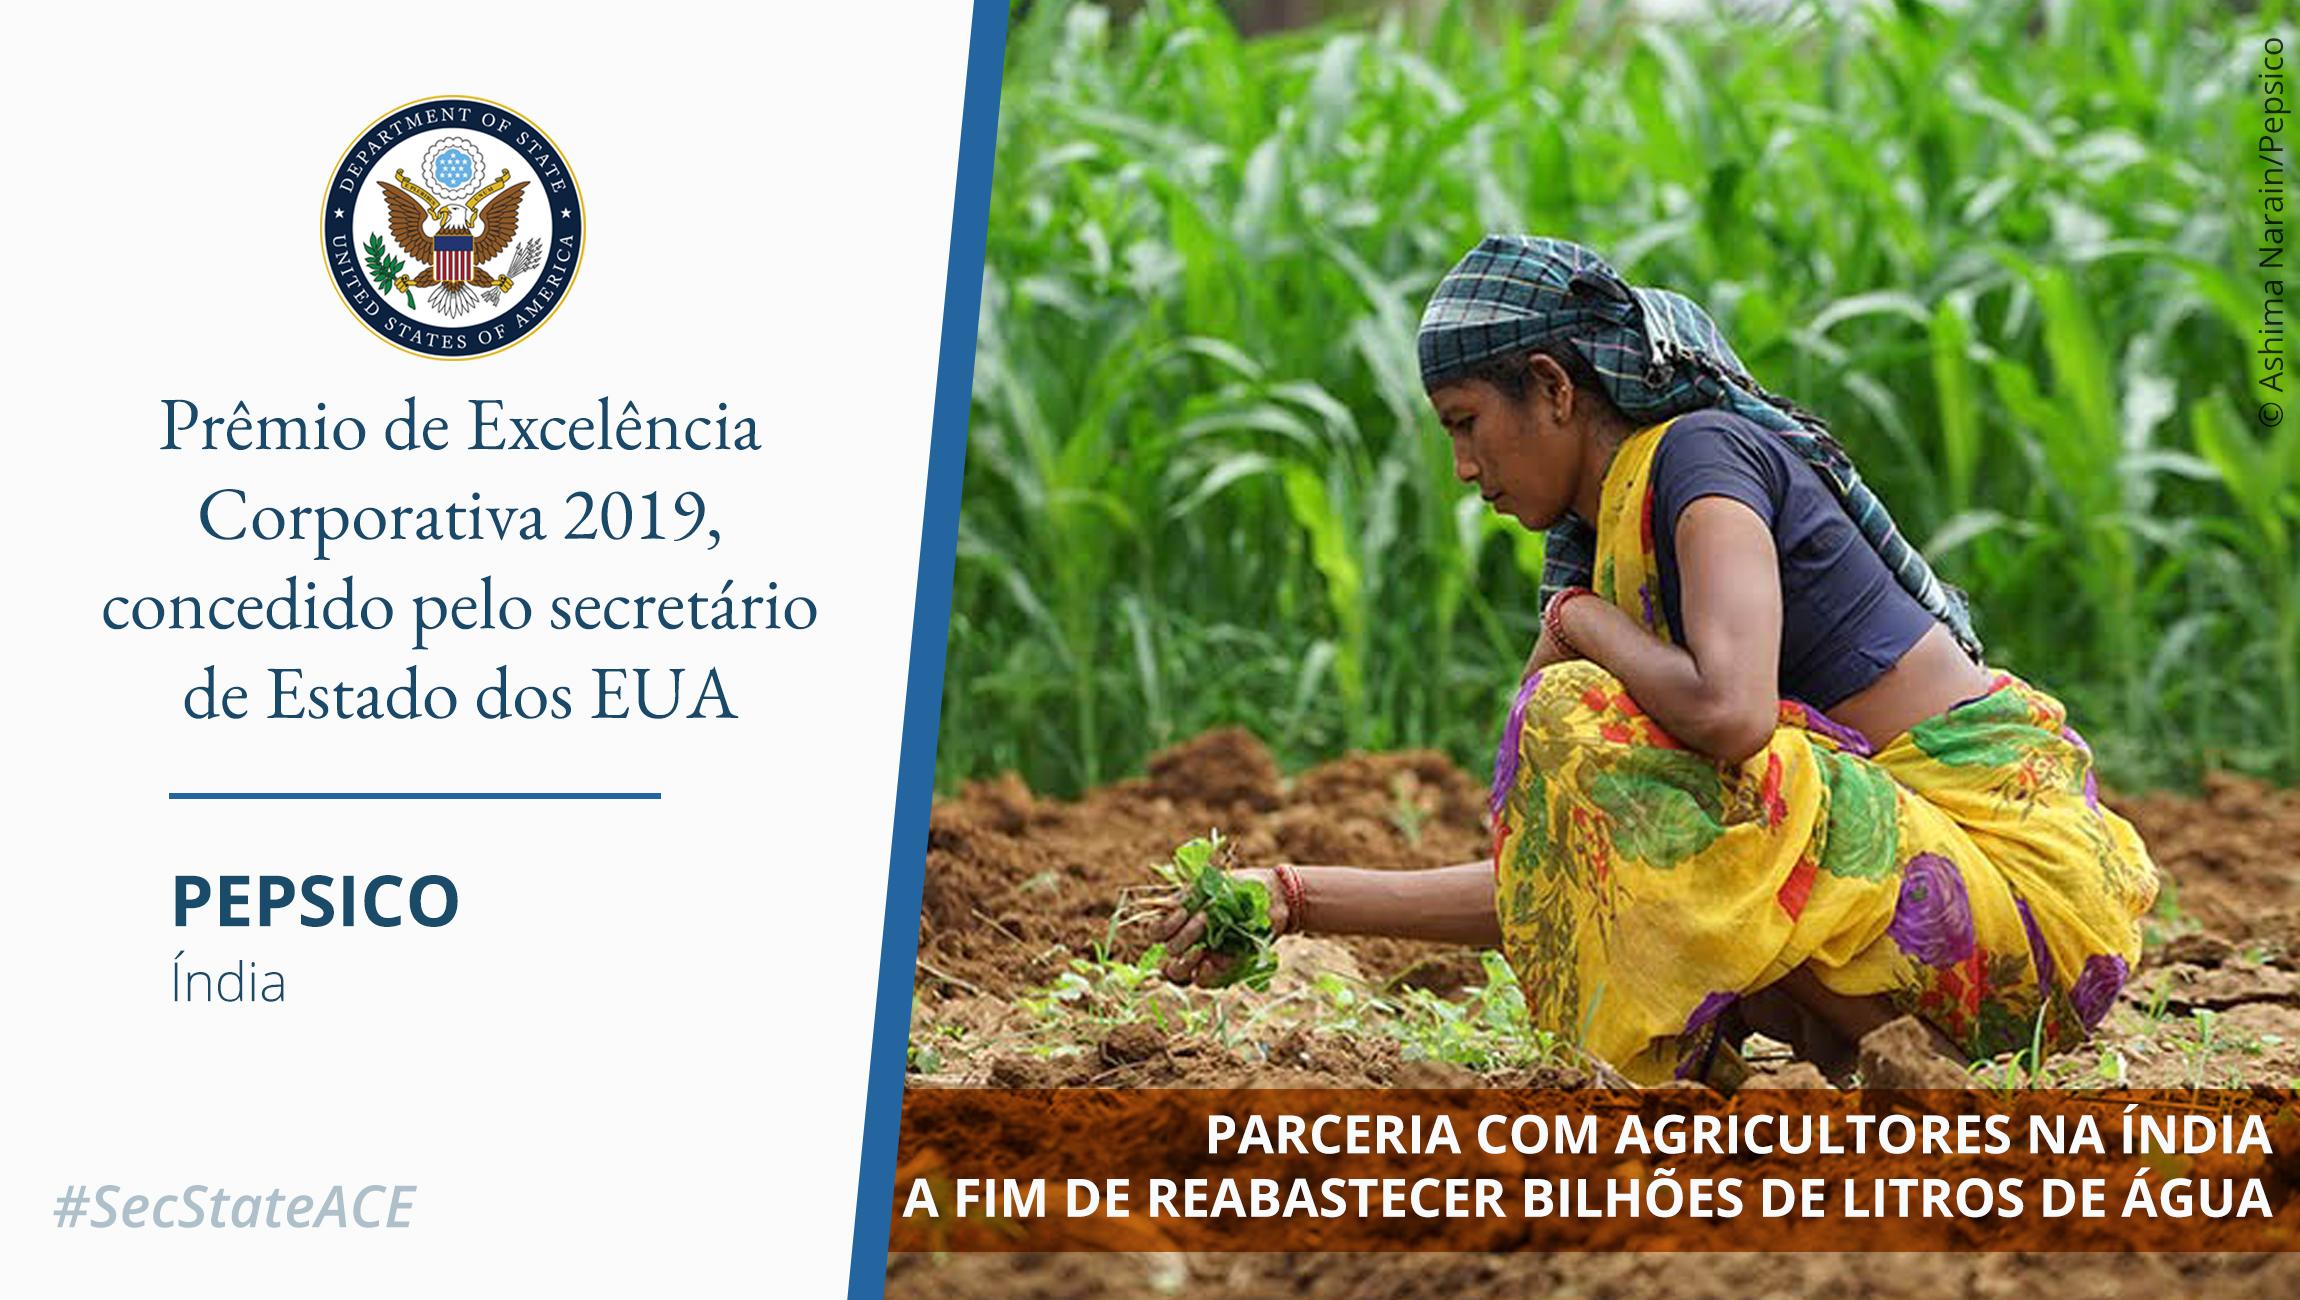 Foto: mulher agachada em plantação; na parte inferior, palavras sobrepostas fazendo referência ao Prêmio de Excelência Corporativa (Depto. de Estado/Foto: © Ashima Narain/Pepsico)